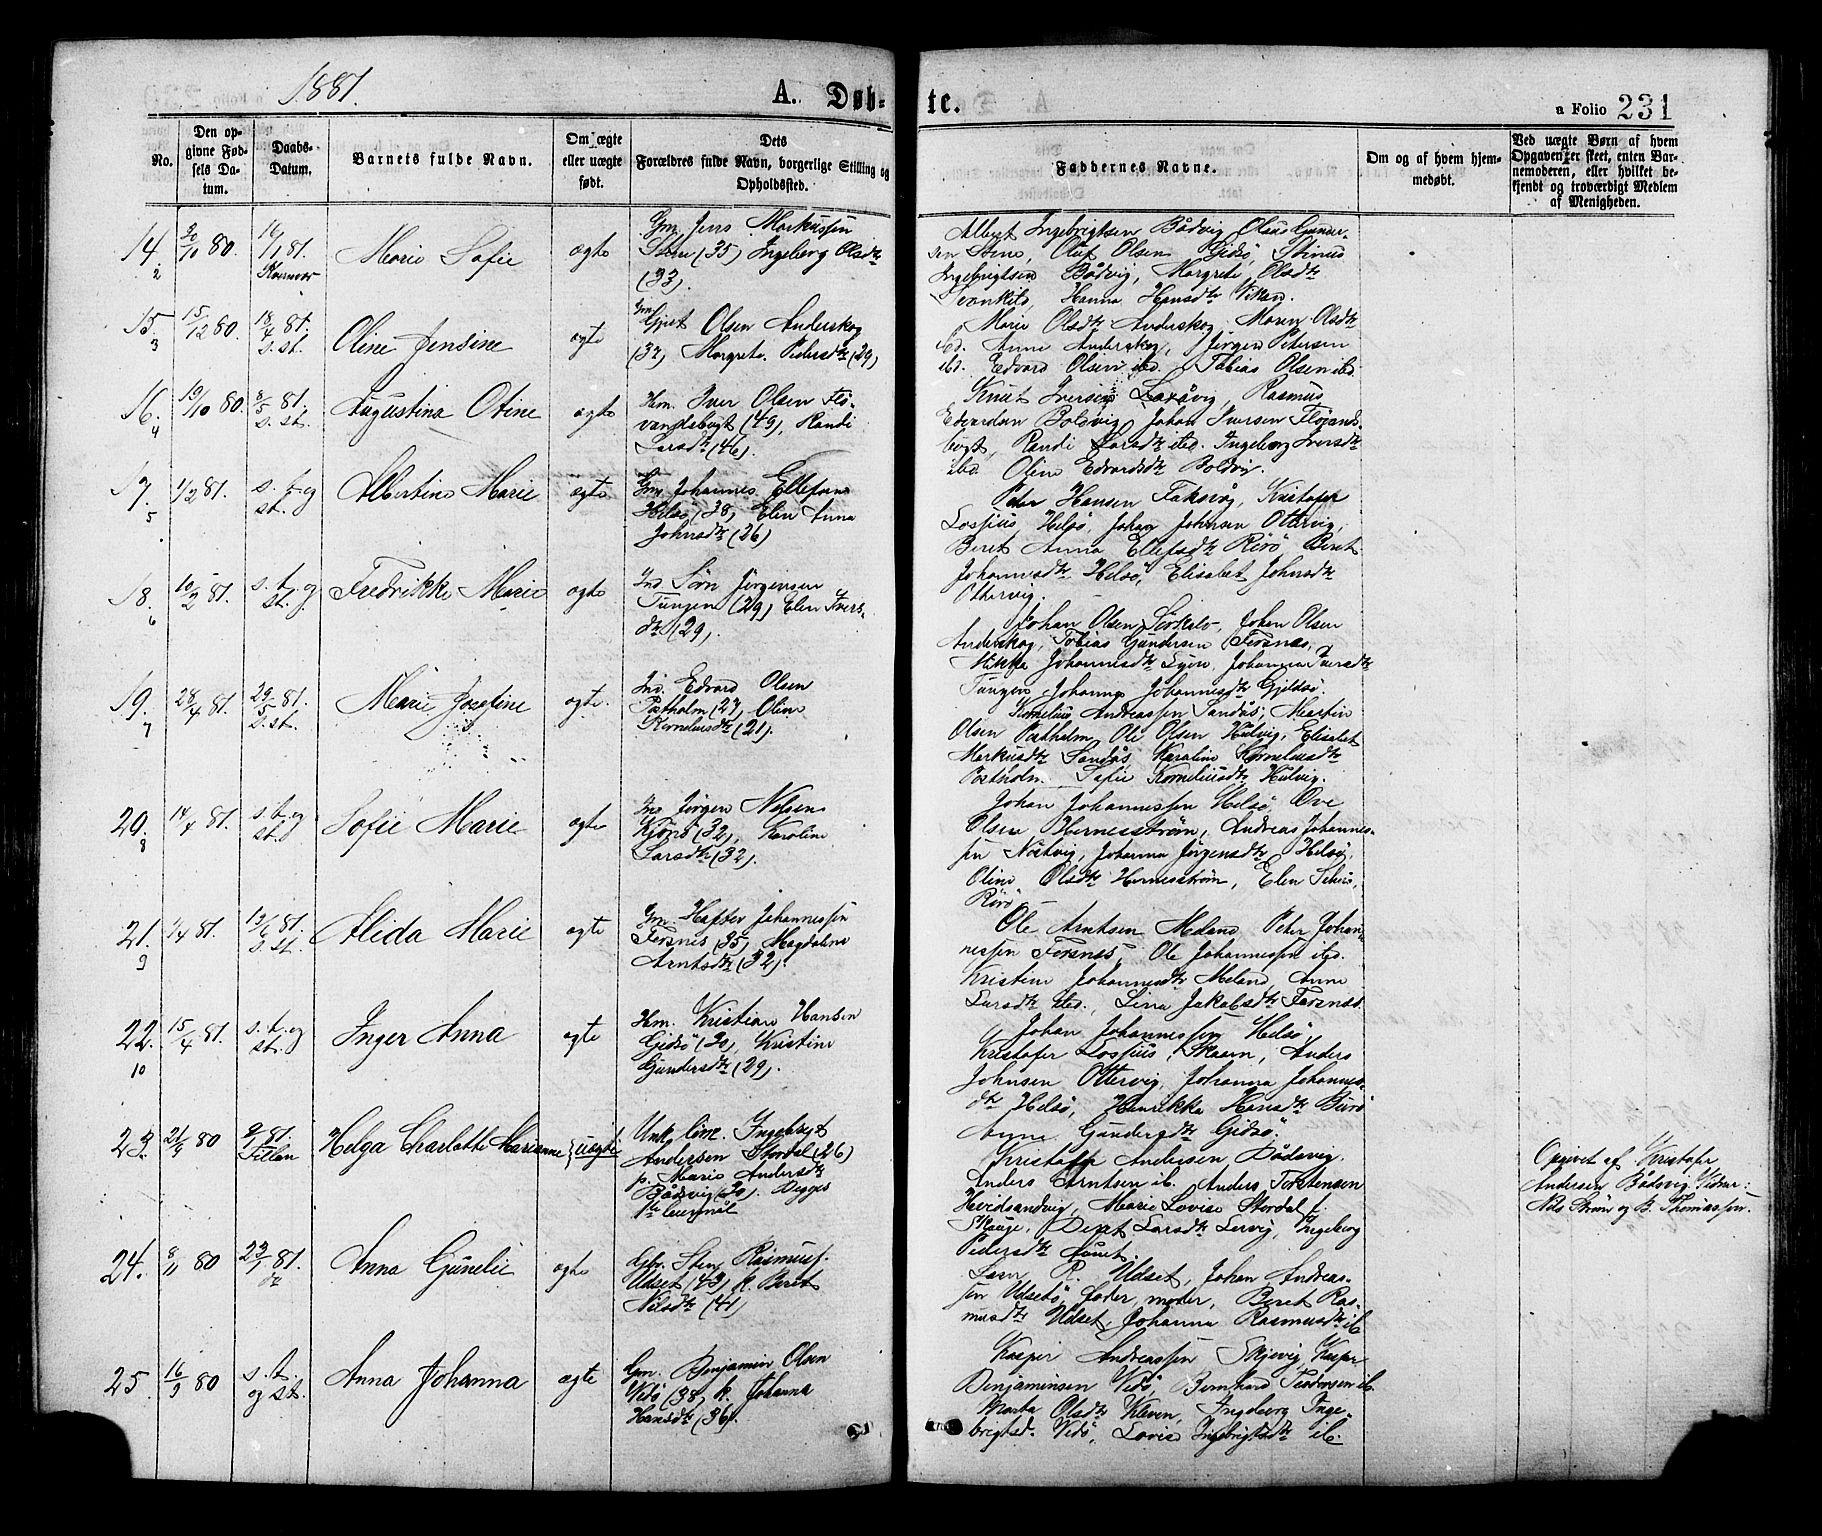 SAT, Ministerialprotokoller, klokkerbøker og fødselsregistre - Sør-Trøndelag, 634/L0532: Ministerialbok nr. 634A08, 1871-1881, s. 231